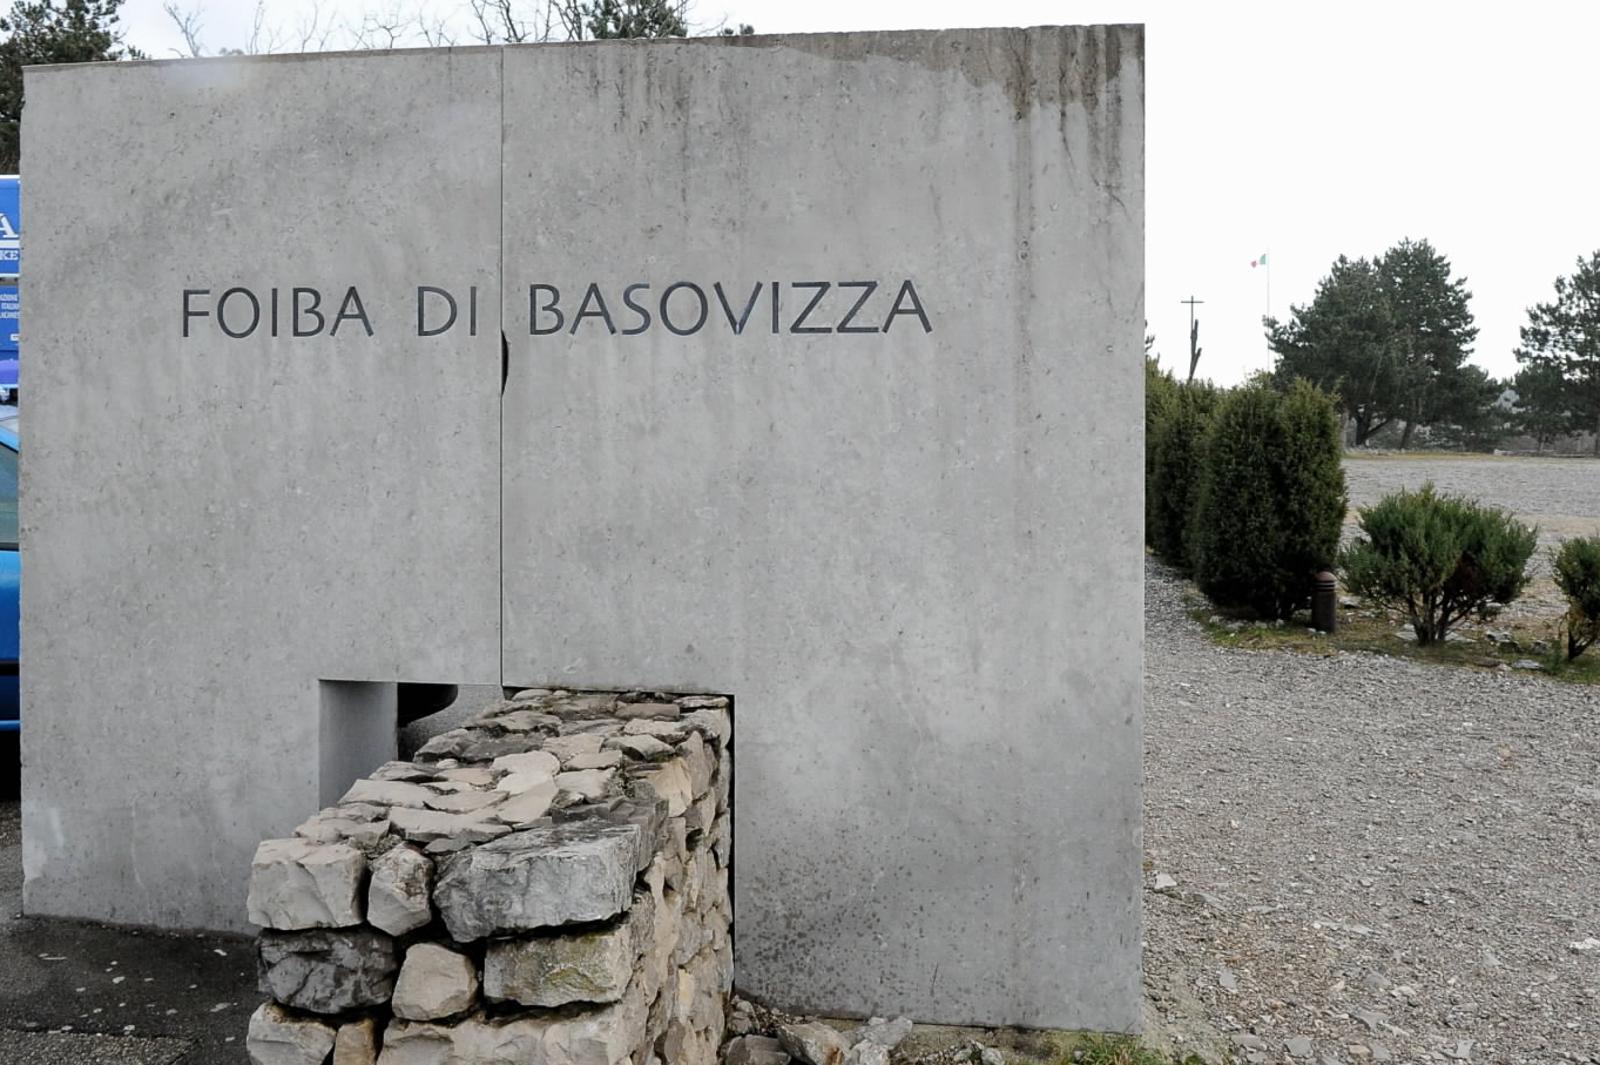 Il monumento in memoria delle vittime della foiba di Basovizza (Trieste)